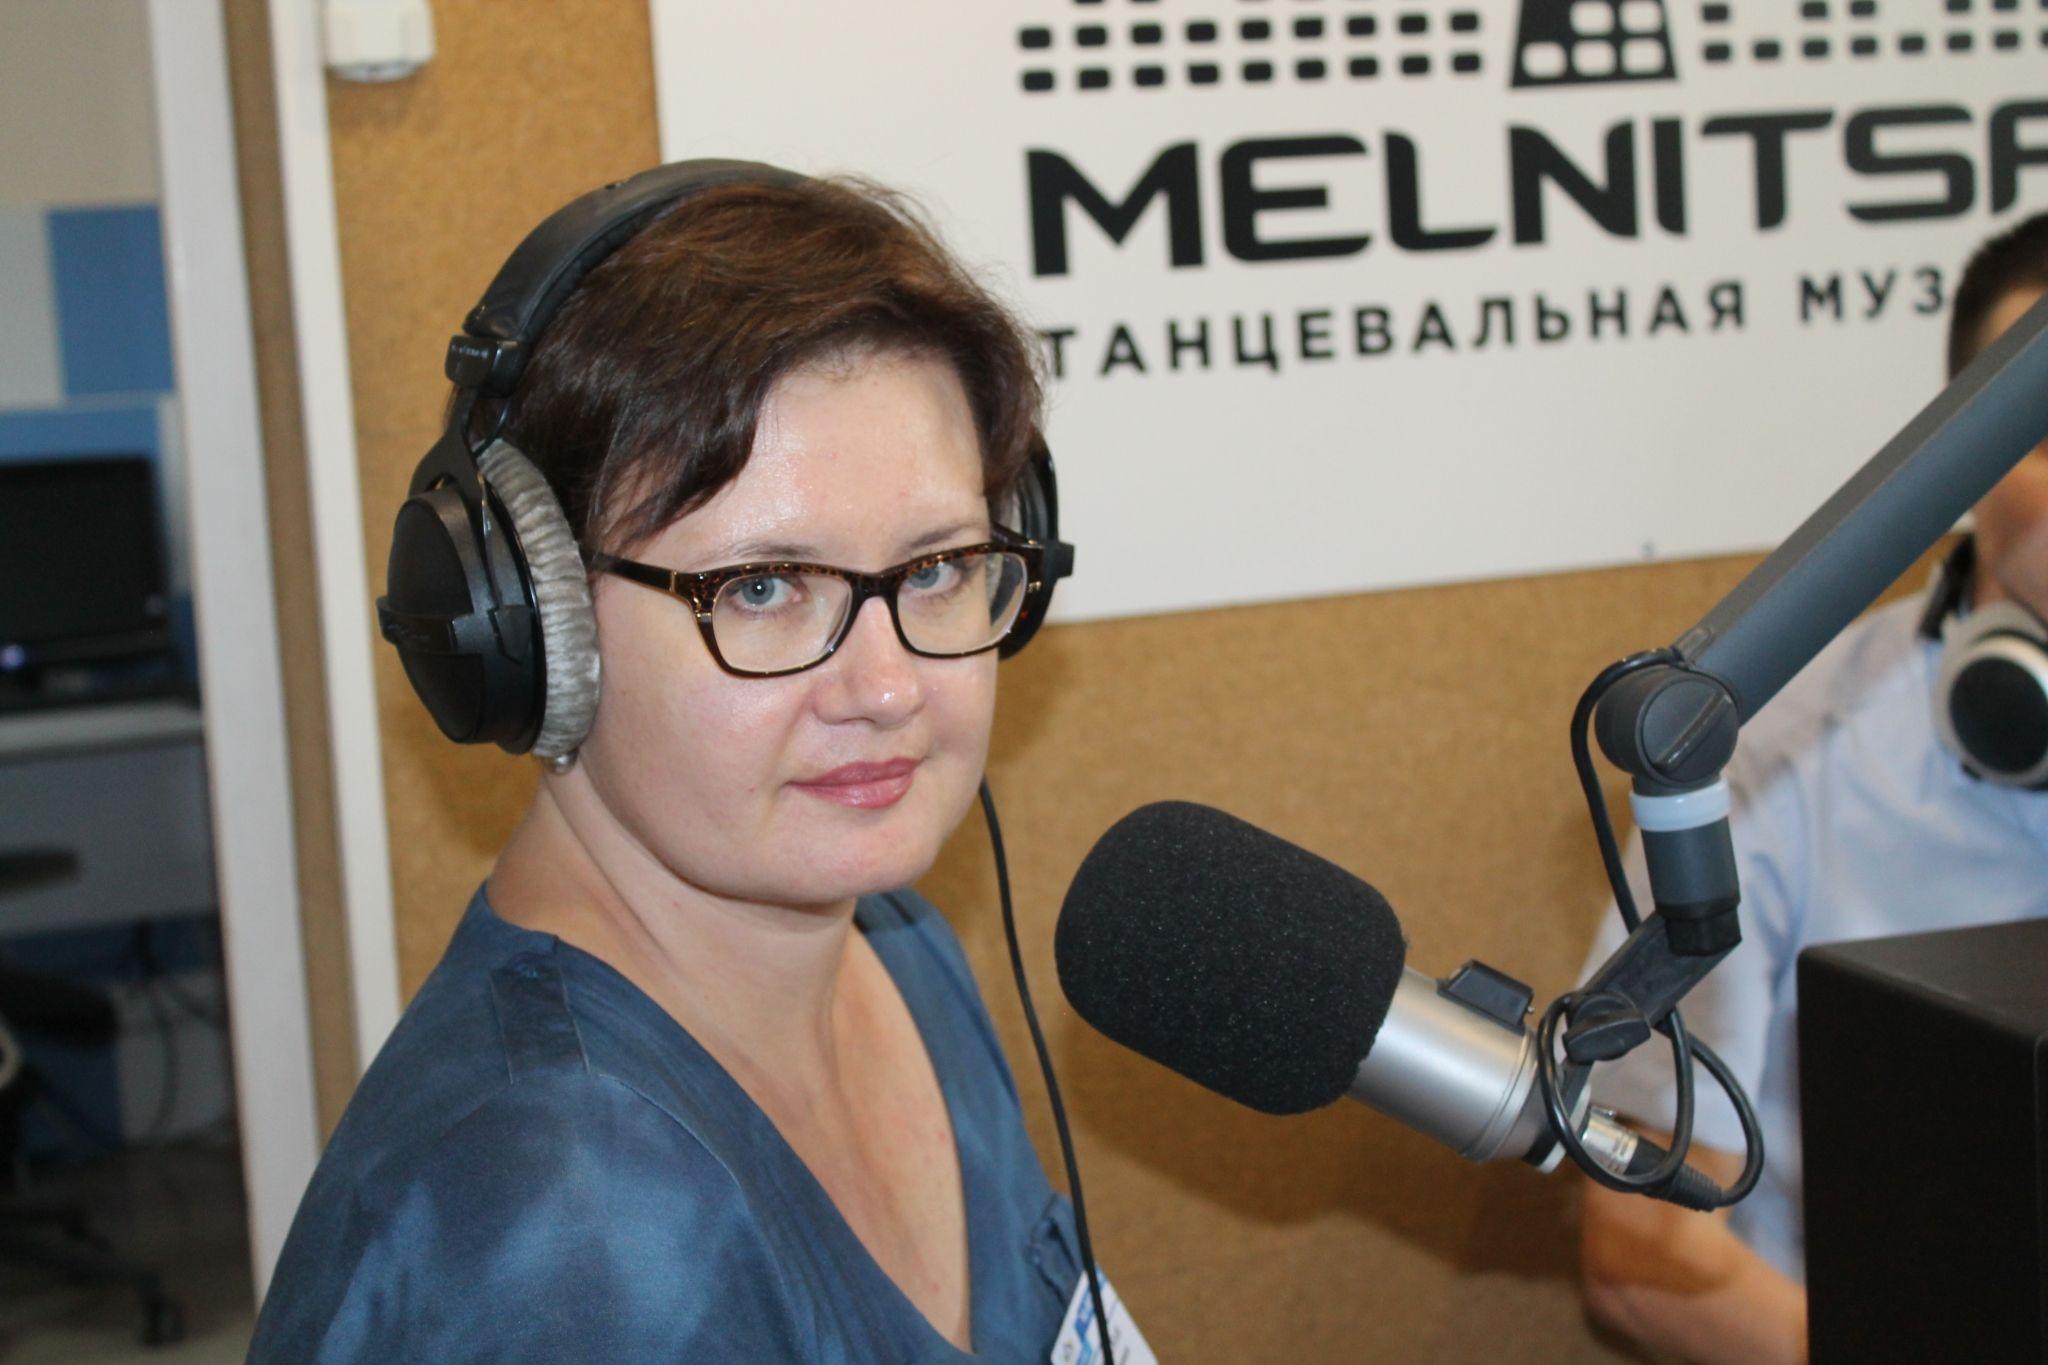 Энергетики ответили на вопросы радиослушателей в прямом эфире